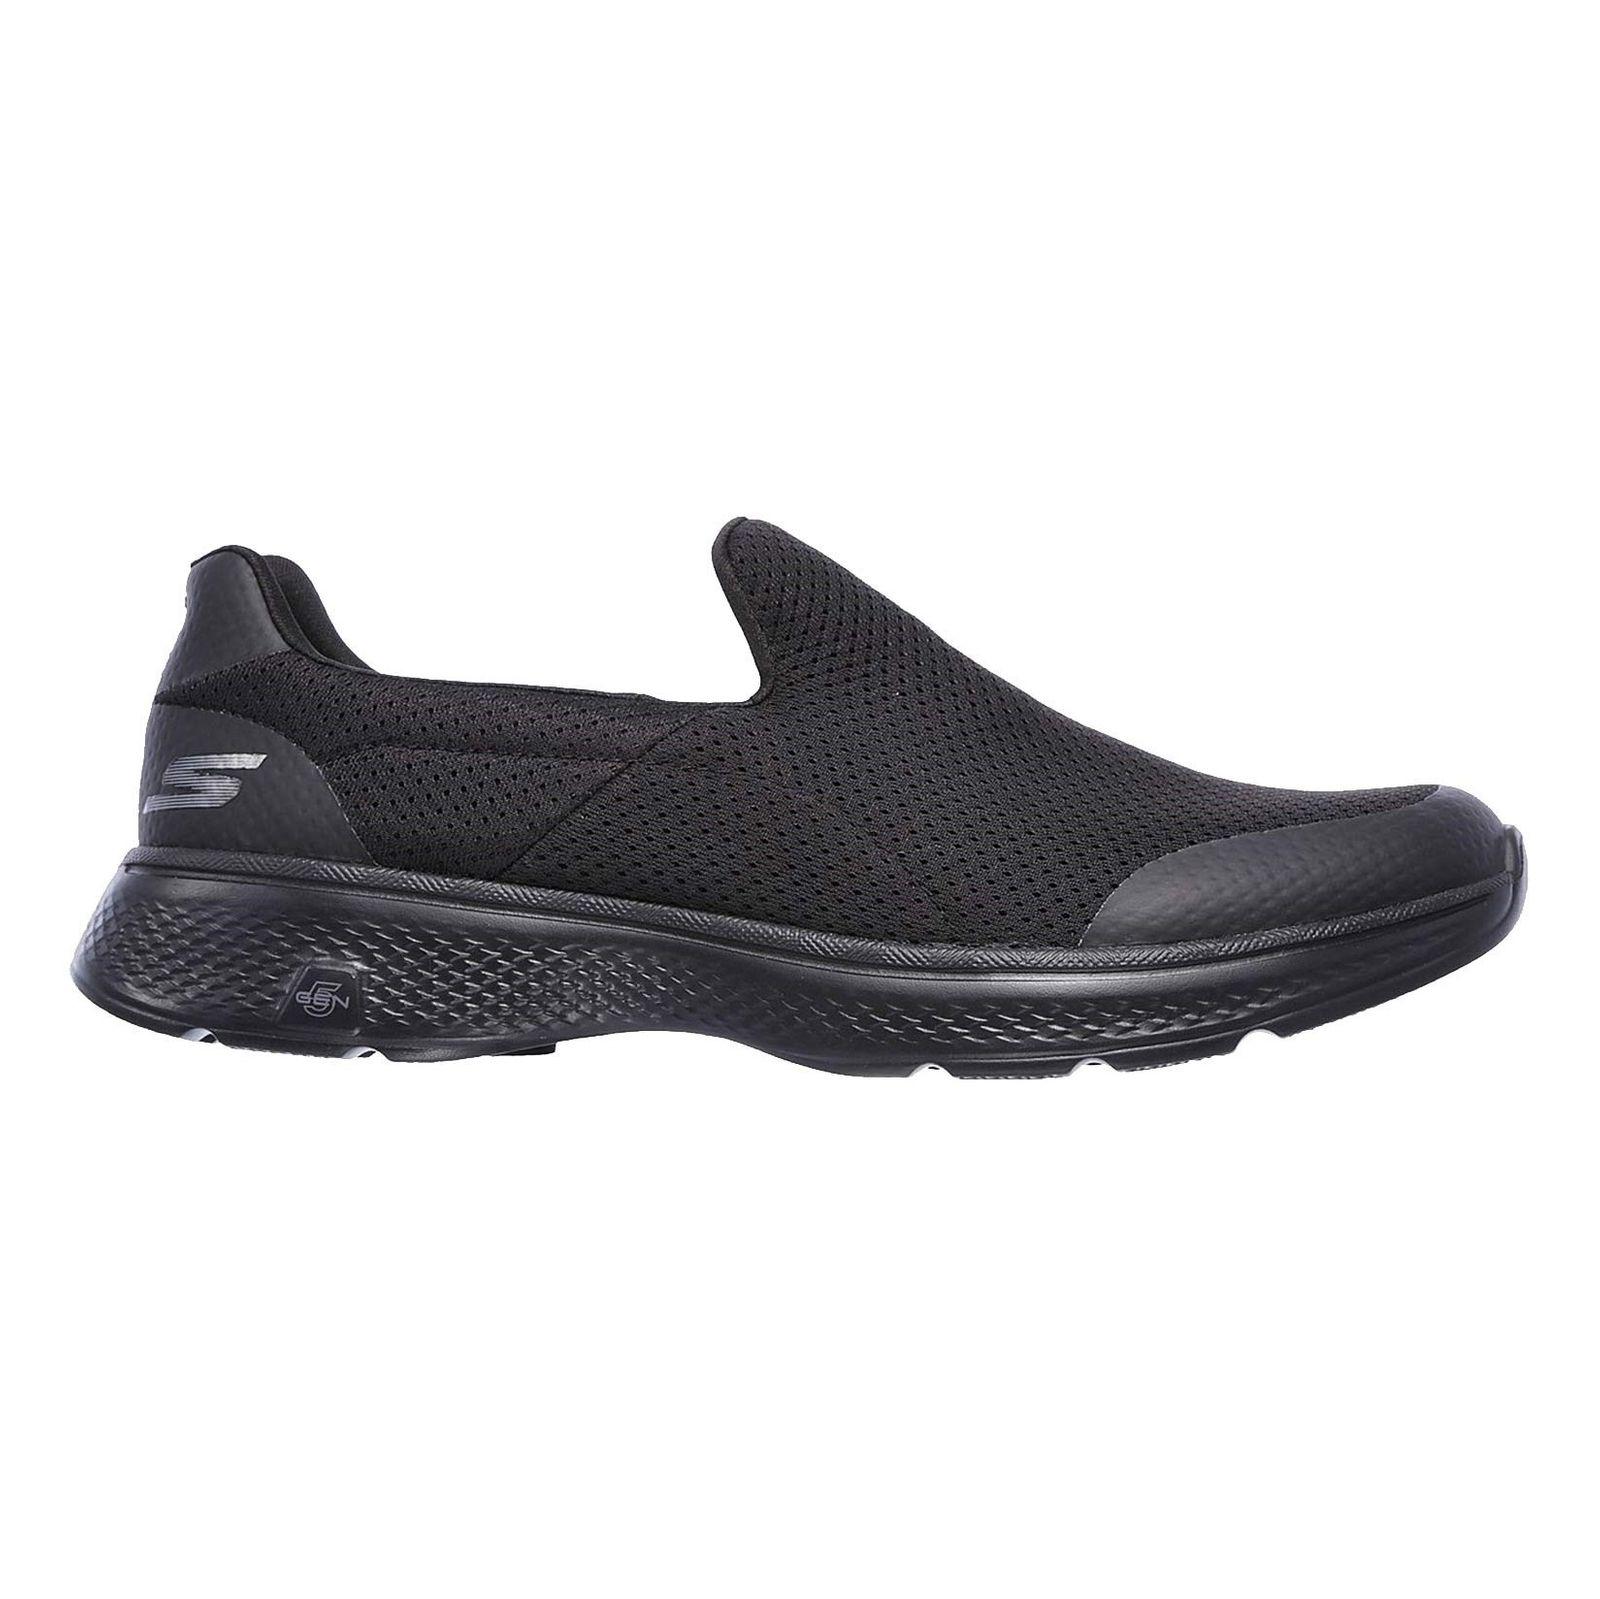 کفش پیاده روی پارچه ای مردانه GOwalk 4 Incredible - اسکچرز - مشکي - 1